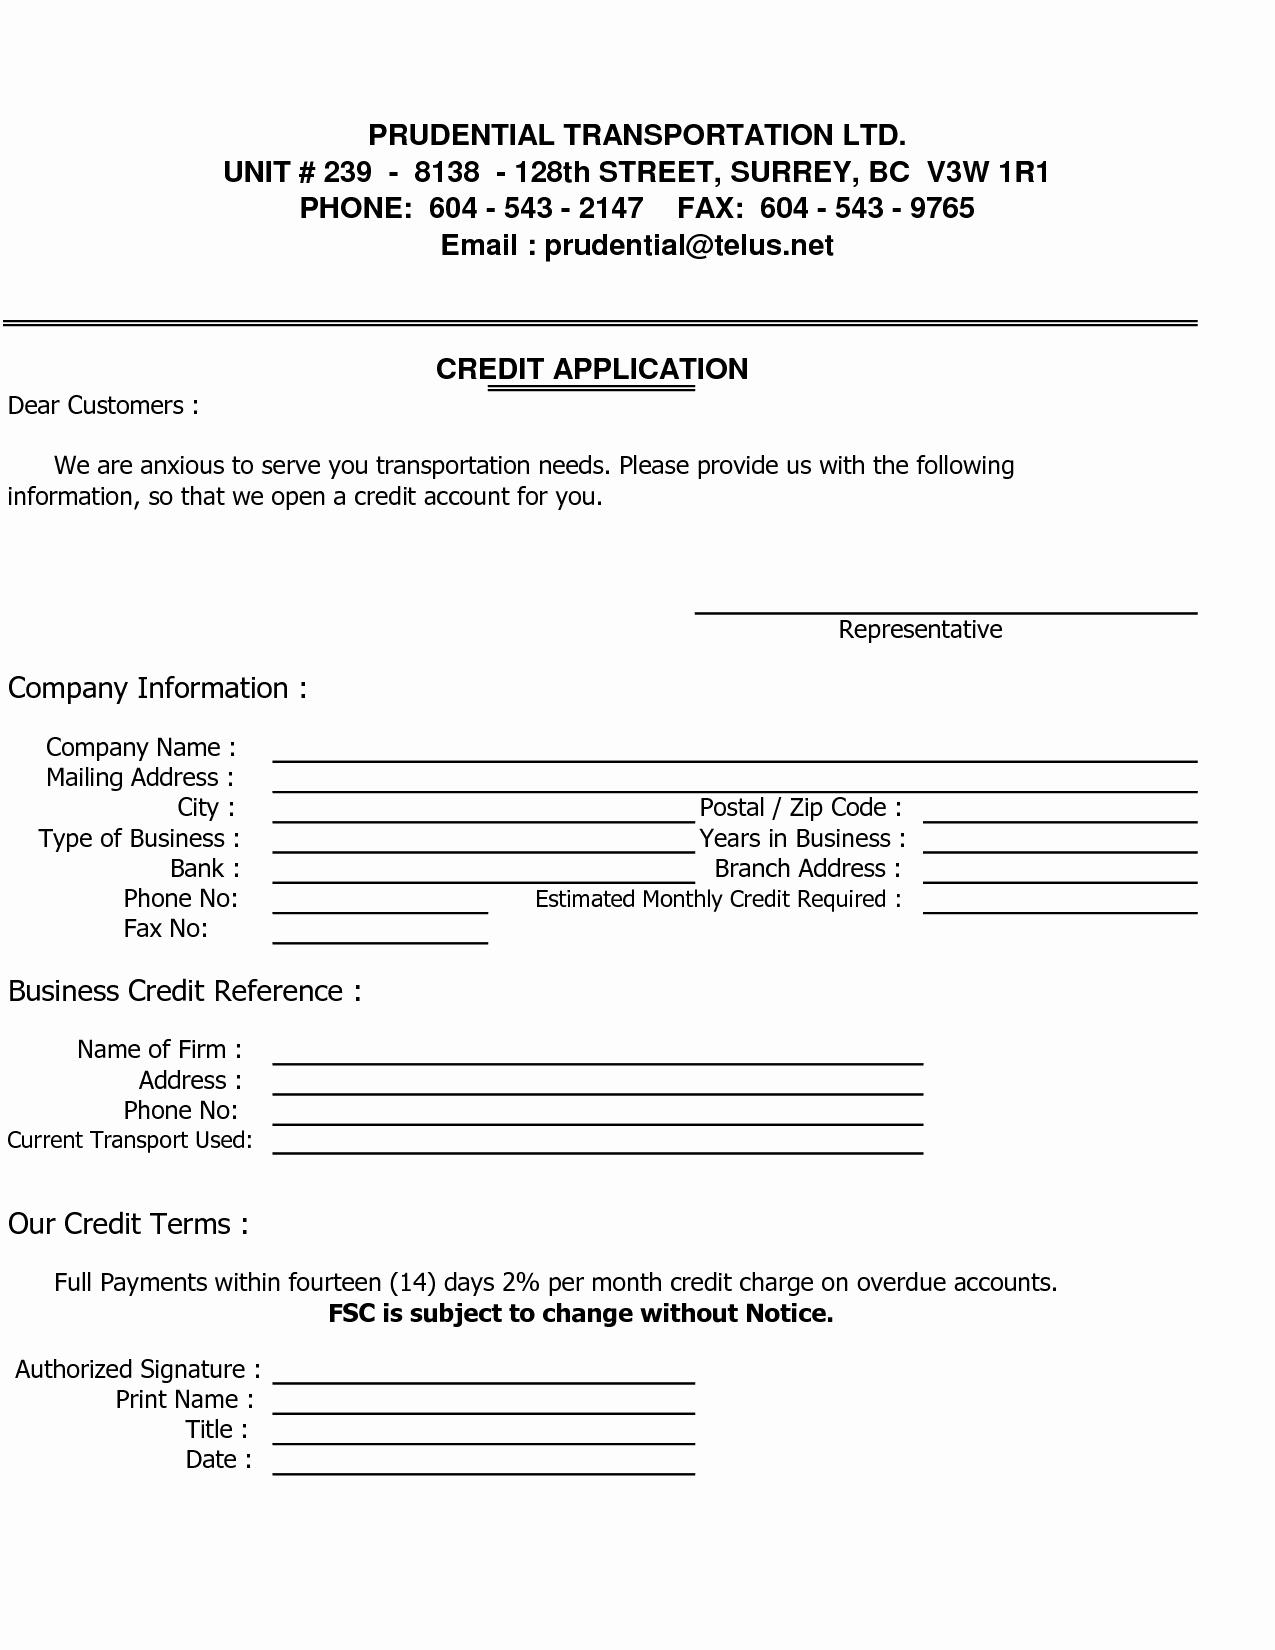 Business Credit Reference form Elegant Sample Credit Reference Letter Template Images Business